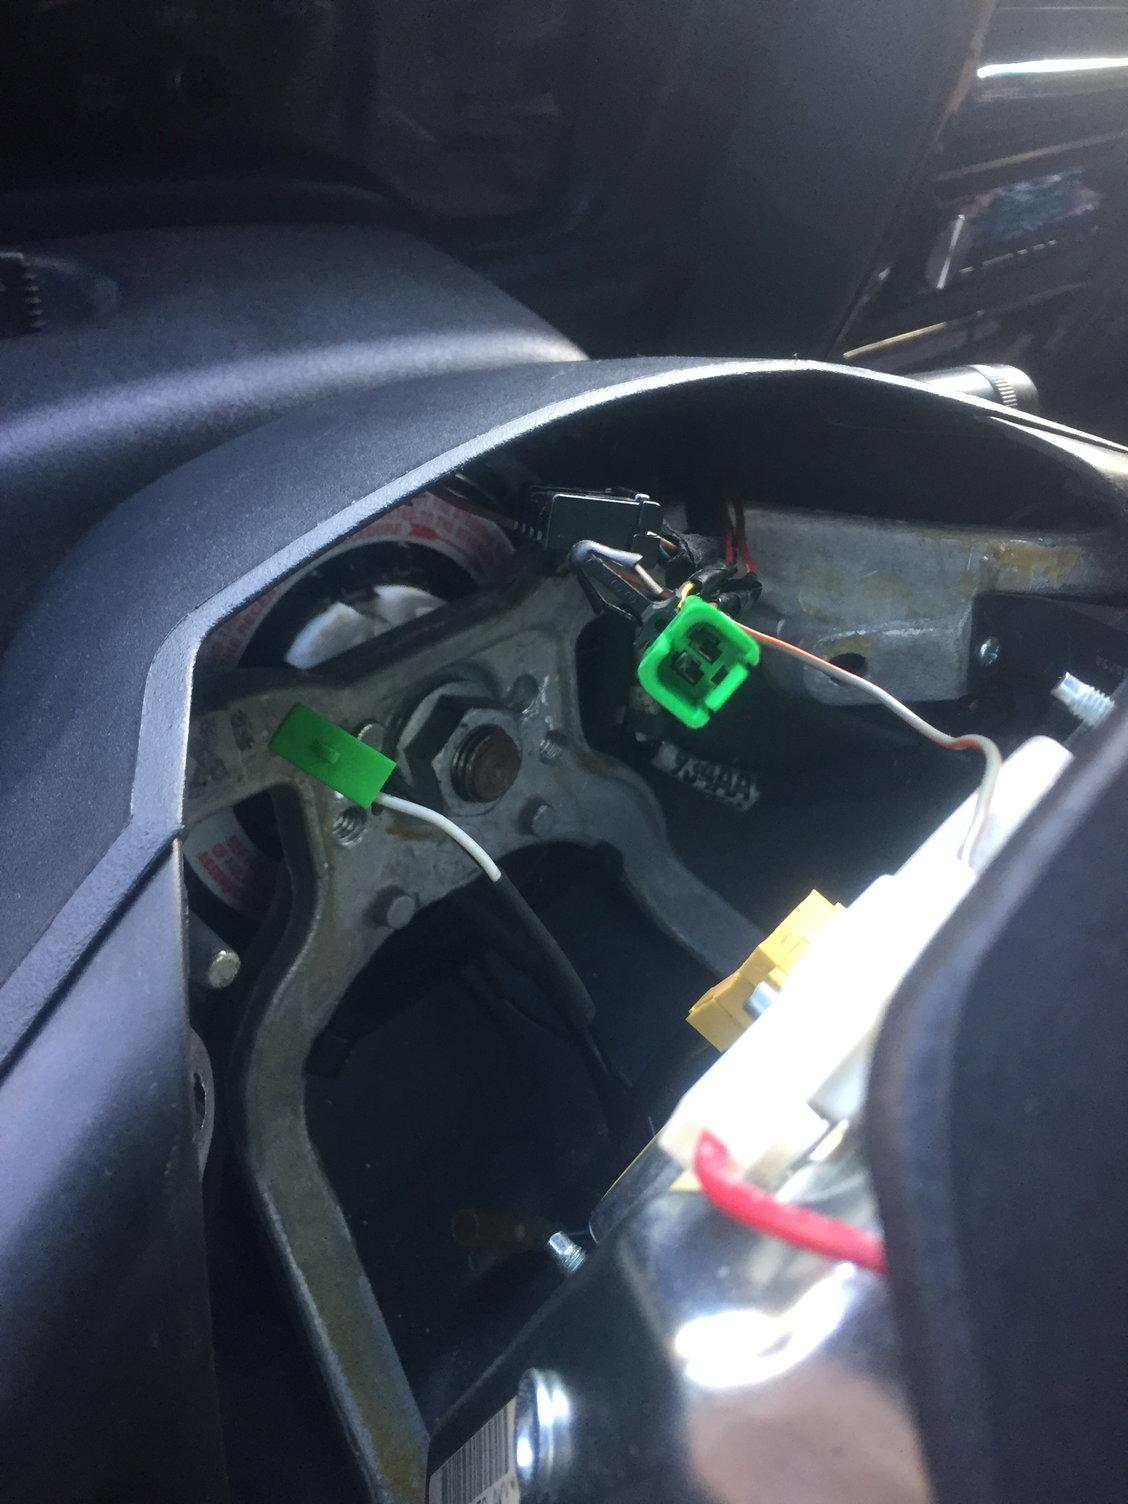 Grand Cherokee Steering Wheel Swap - Page 2